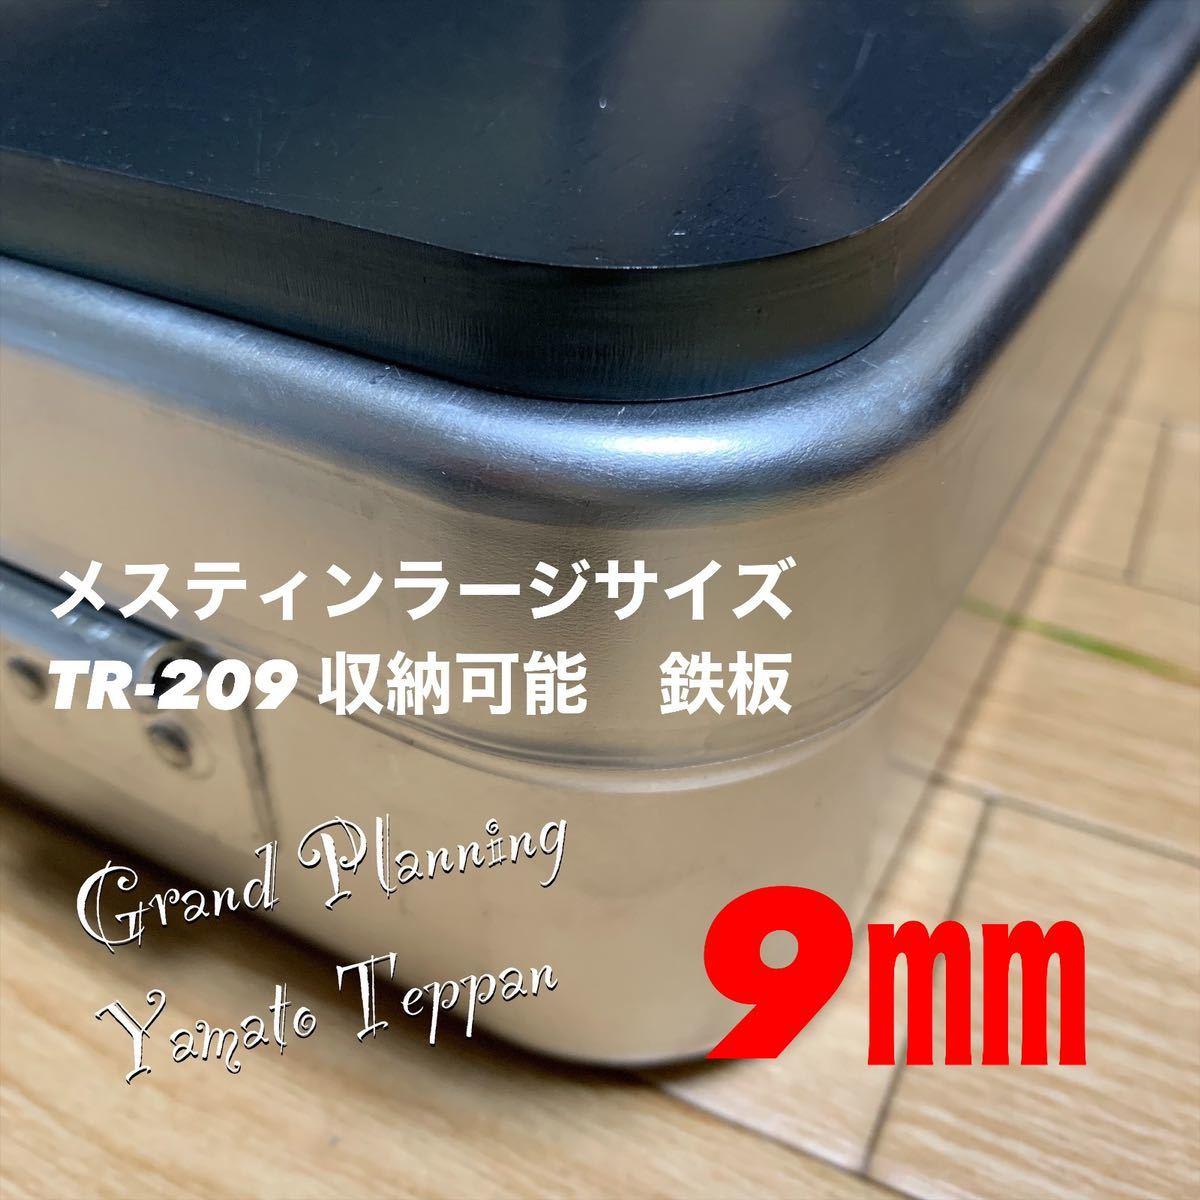 トランギア メスティン ラージ 収納サイズ 9ミリ 鉄板 鉄板のみ アウトドア 大和鉄板 ソロキャンプ ソロ鉄板